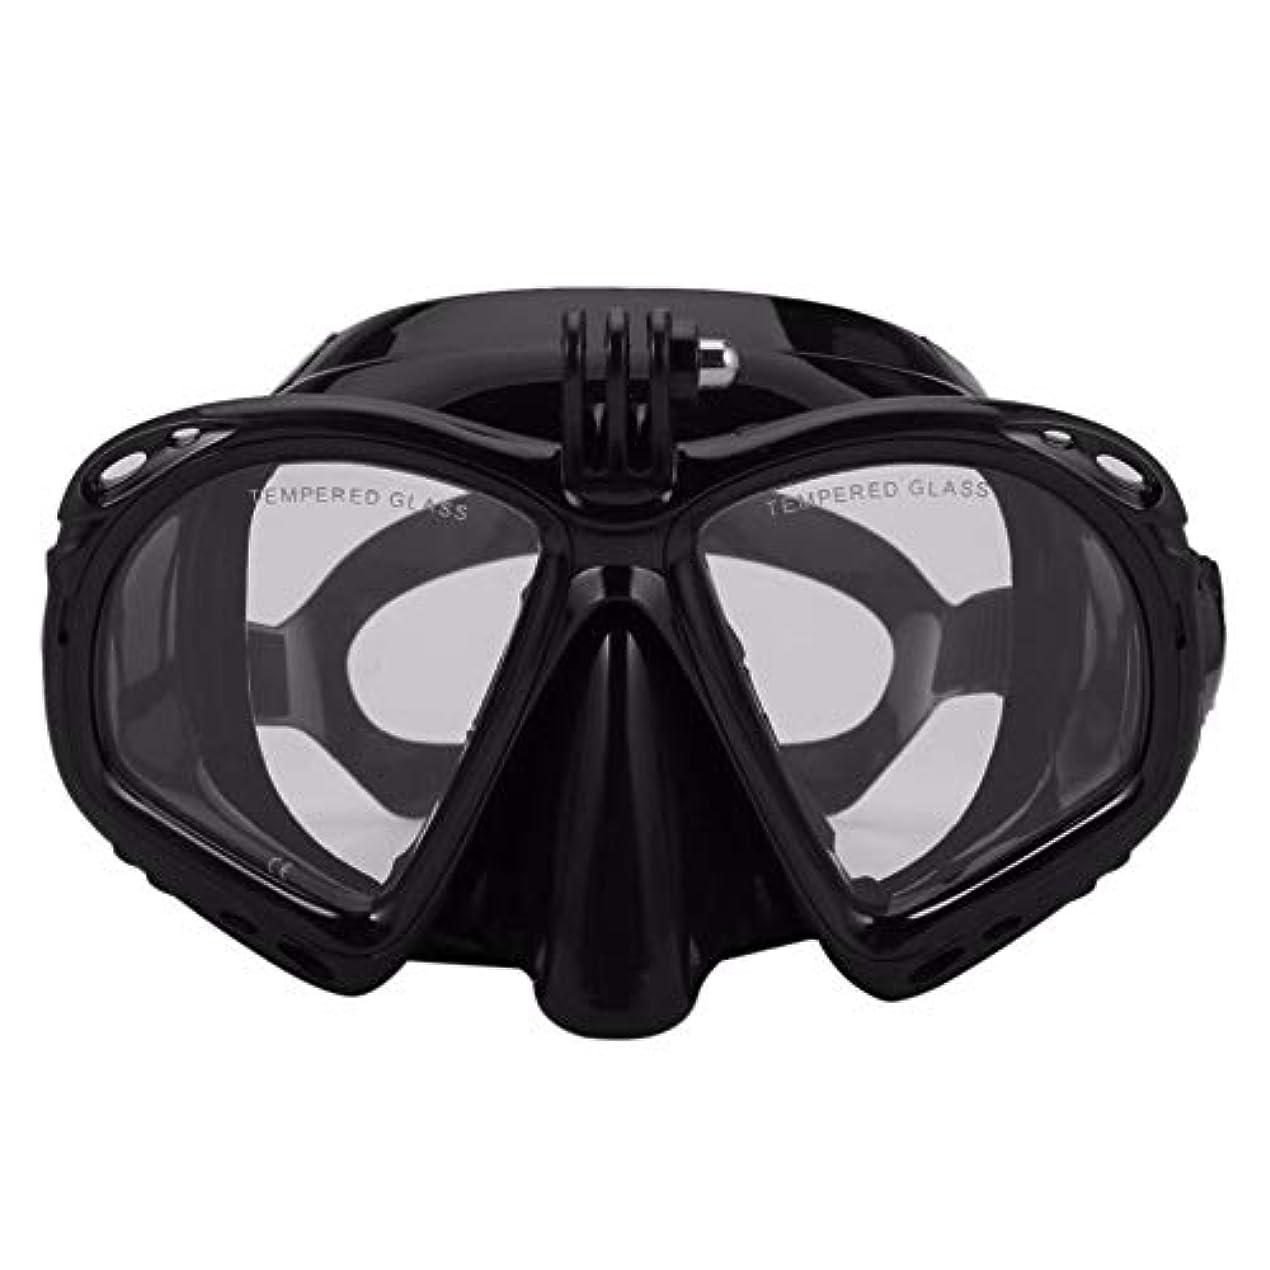 住居さまよう特徴ほとんどのスポーツカメラに適したプロの水中ダイビングマスクダイビングシュノーケル水泳ゴーグルスキューバダイビング機器 g5y9k2i3rw1